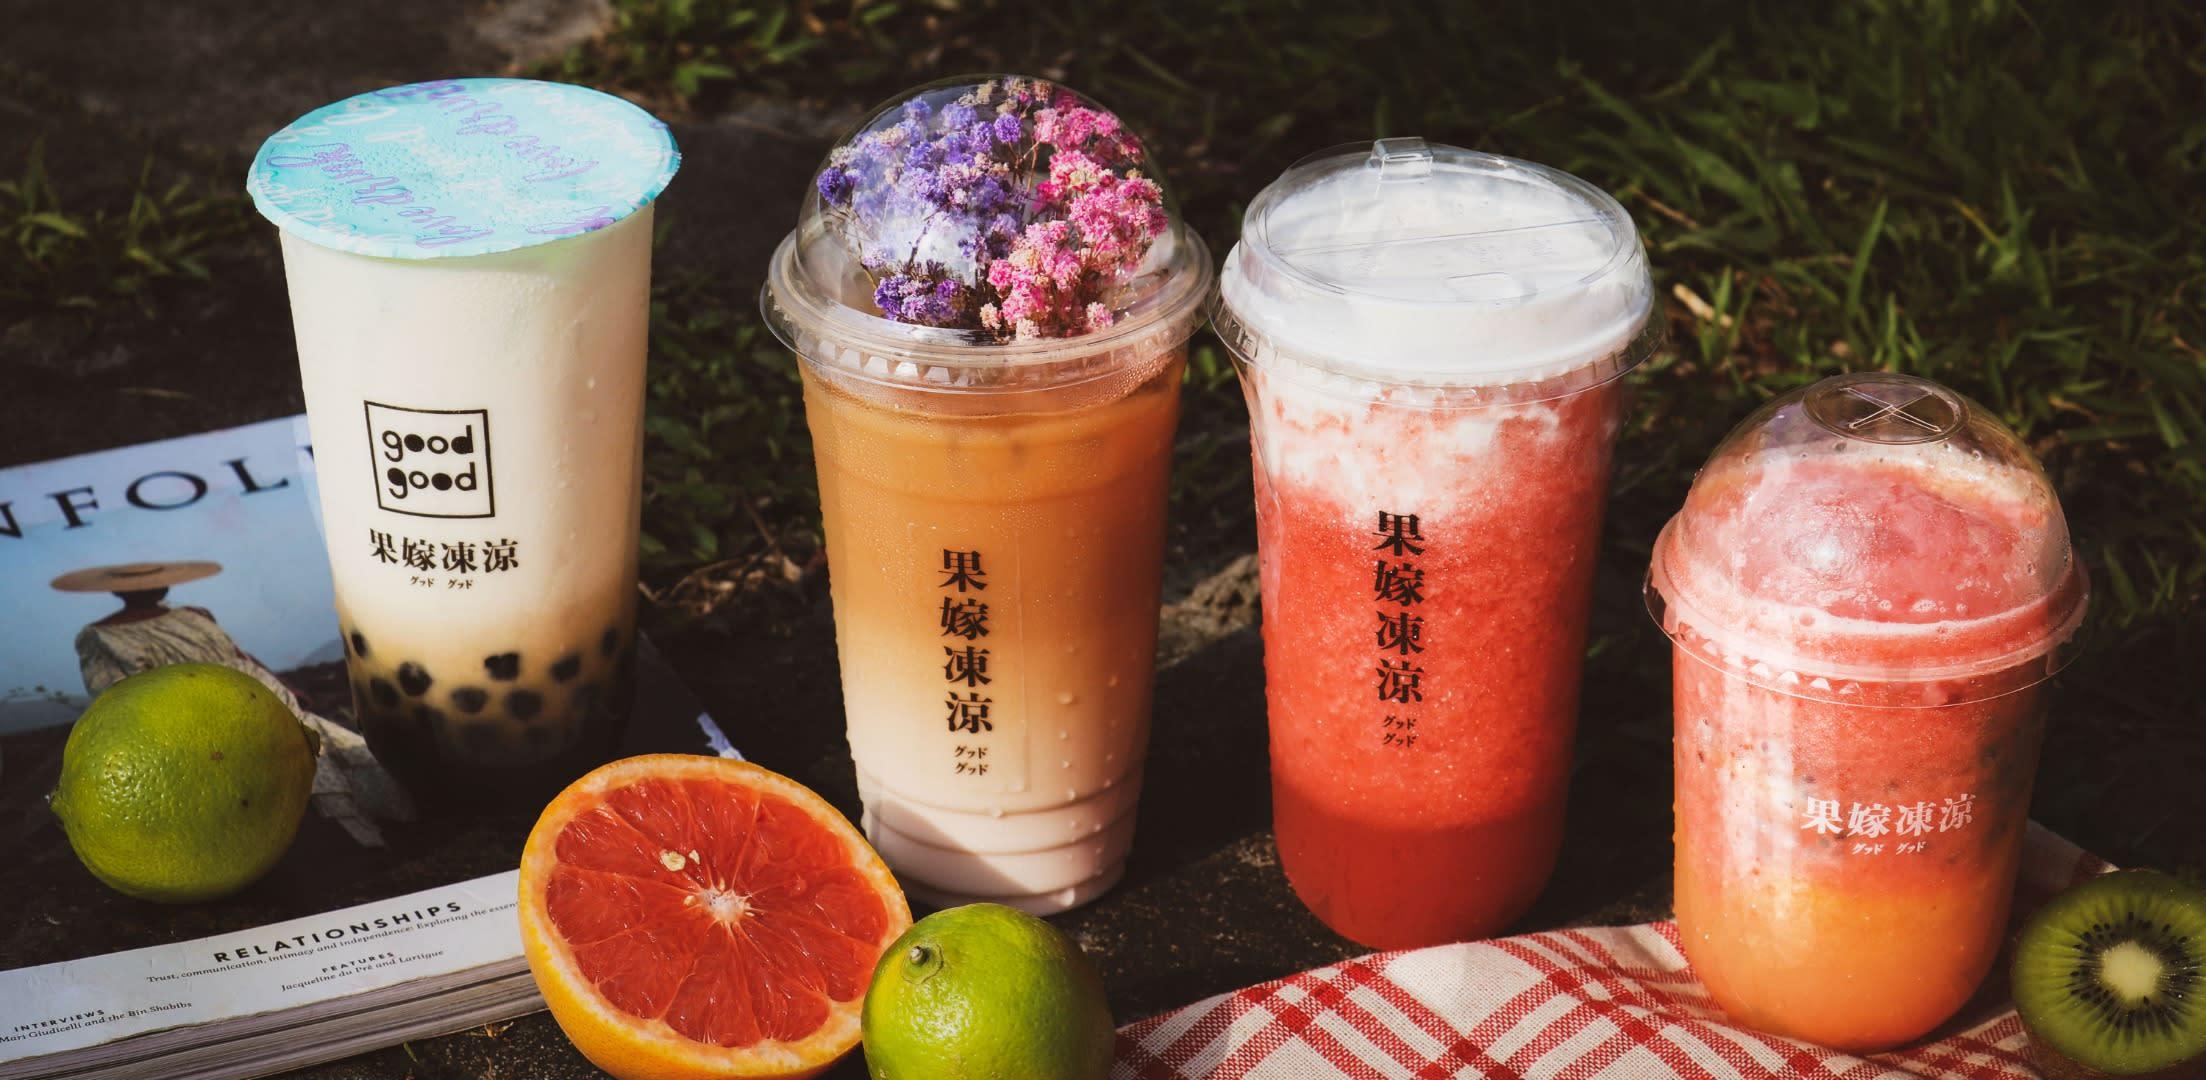 果嫁凍涼整杯充滿滿滿的維他命C!外觀雖然漂亮,但標榜不添加人工色素跟香料,是養生的健康飲品。